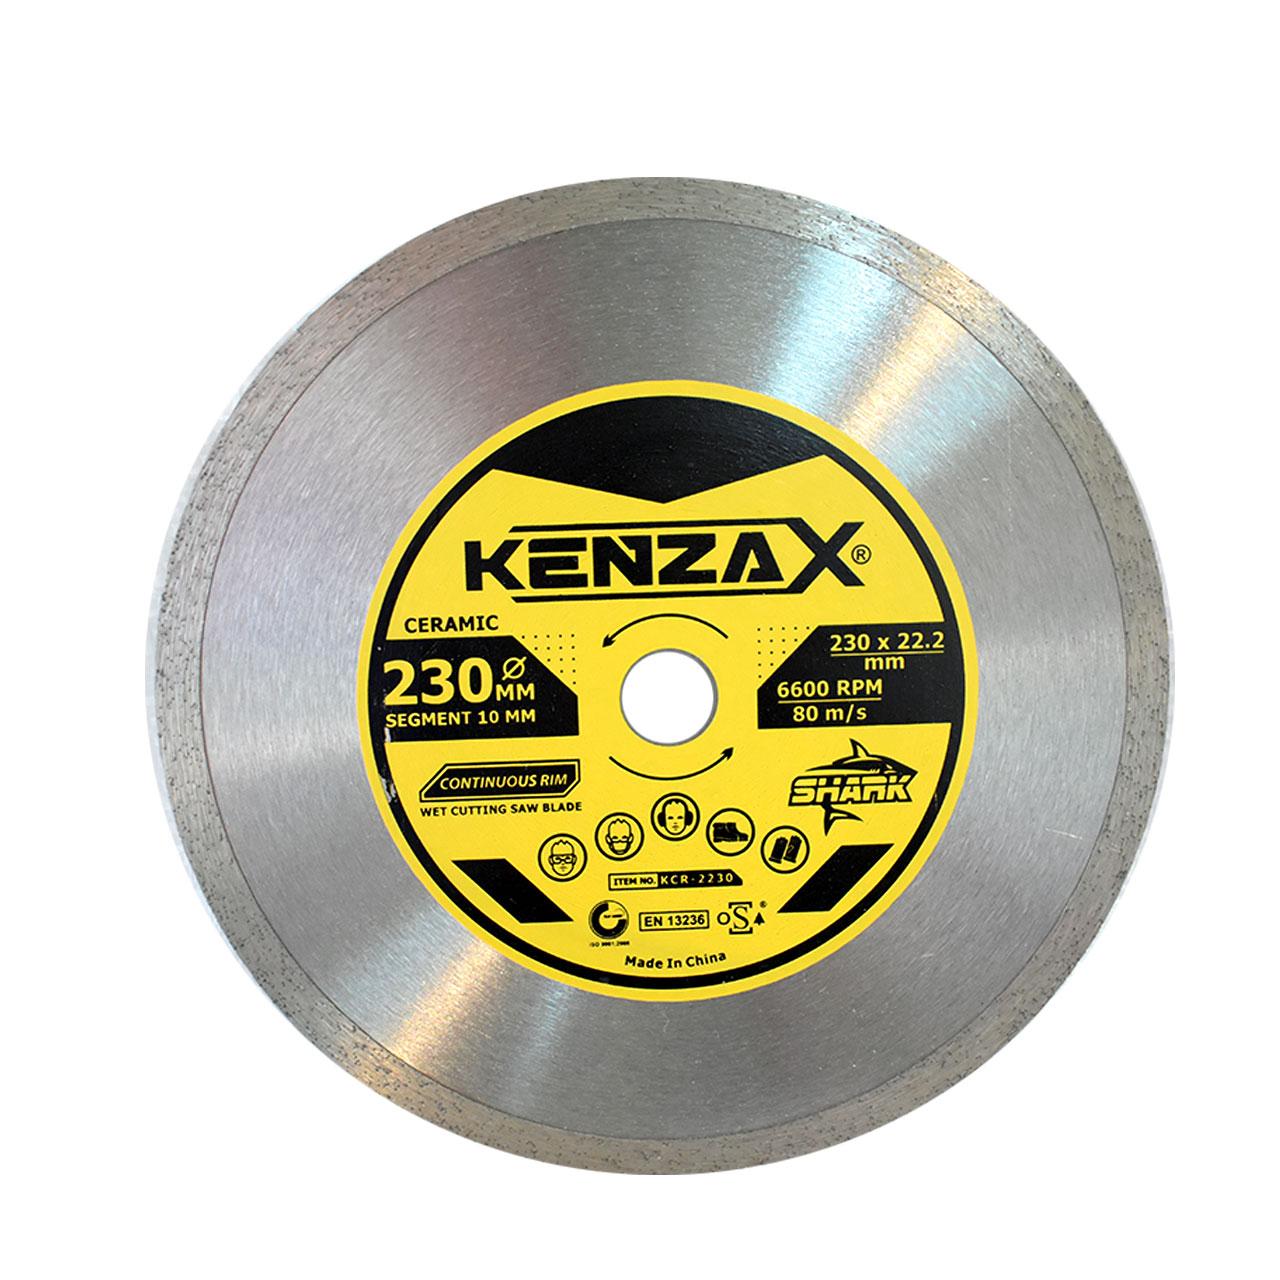 صفحه برش سرامیک کنزاکس مدل KCR-2230